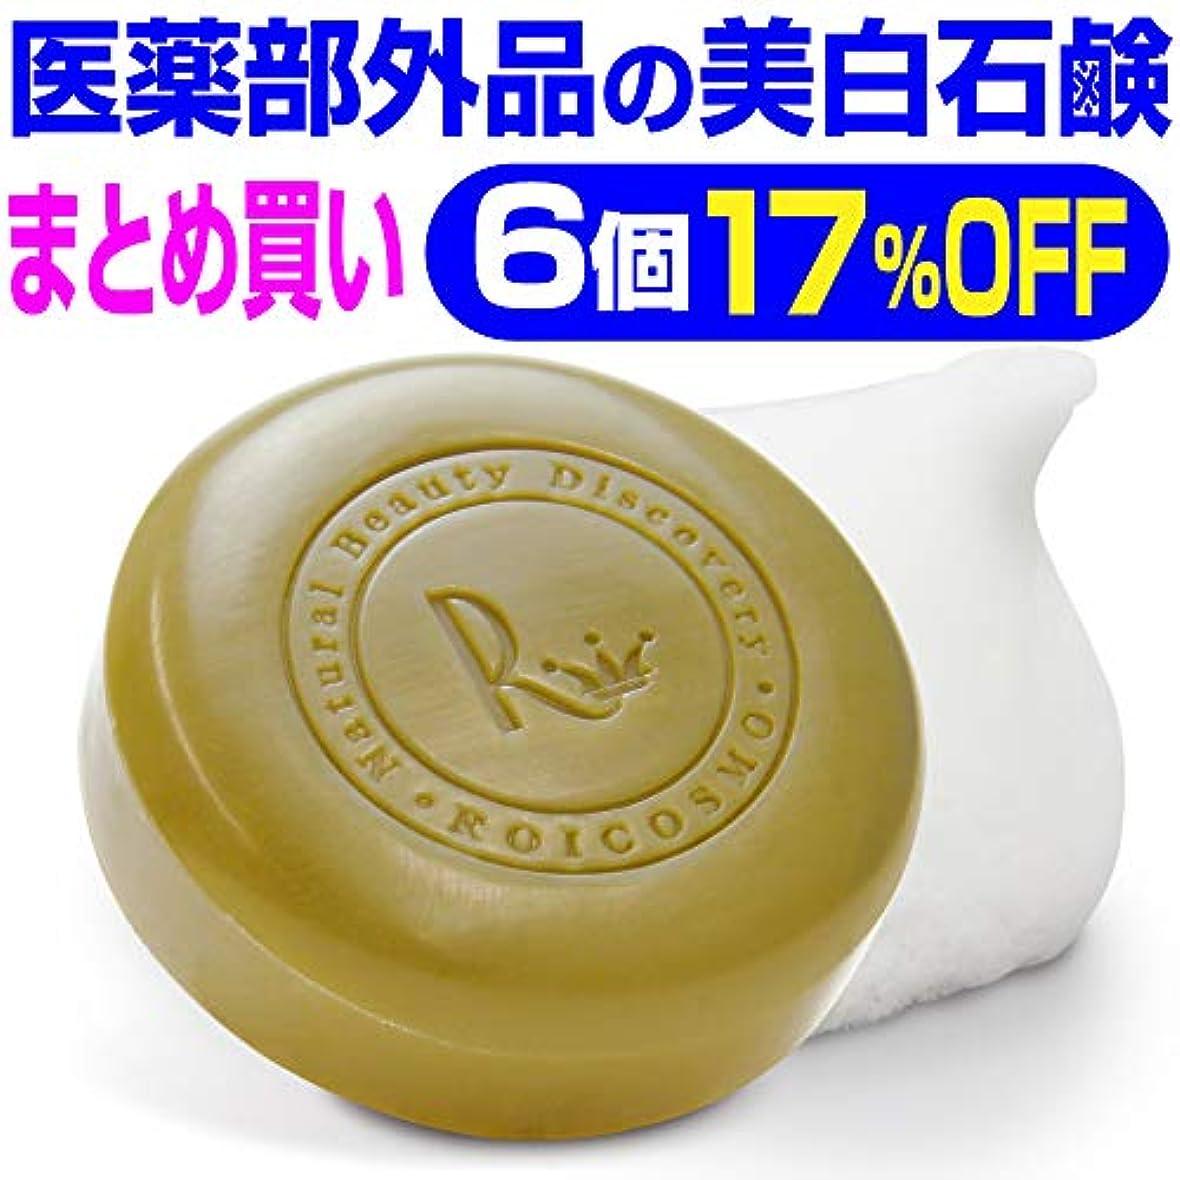 間違いなくバッジ抵抗力がある6個まとめ買い17%OFF 美白石鹸/ビタミンC270倍の美白成分配合の 洗顔石鹸『ホワイトソープ100g×6個』